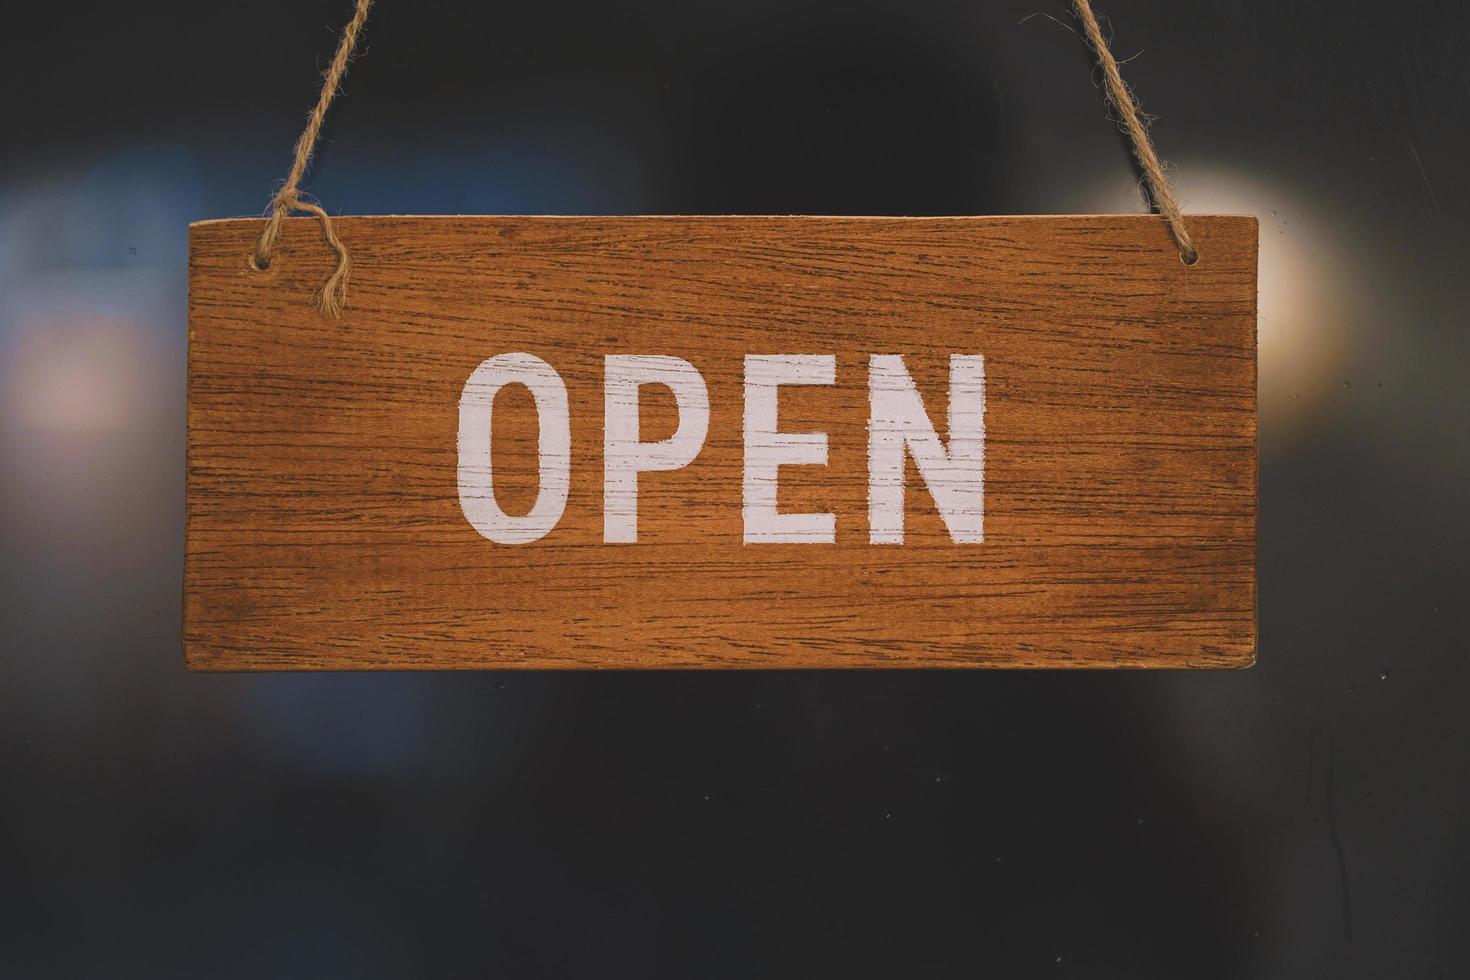 öppna träskylt brett genom dörren i caféet. affärsservice och matkoncept foto